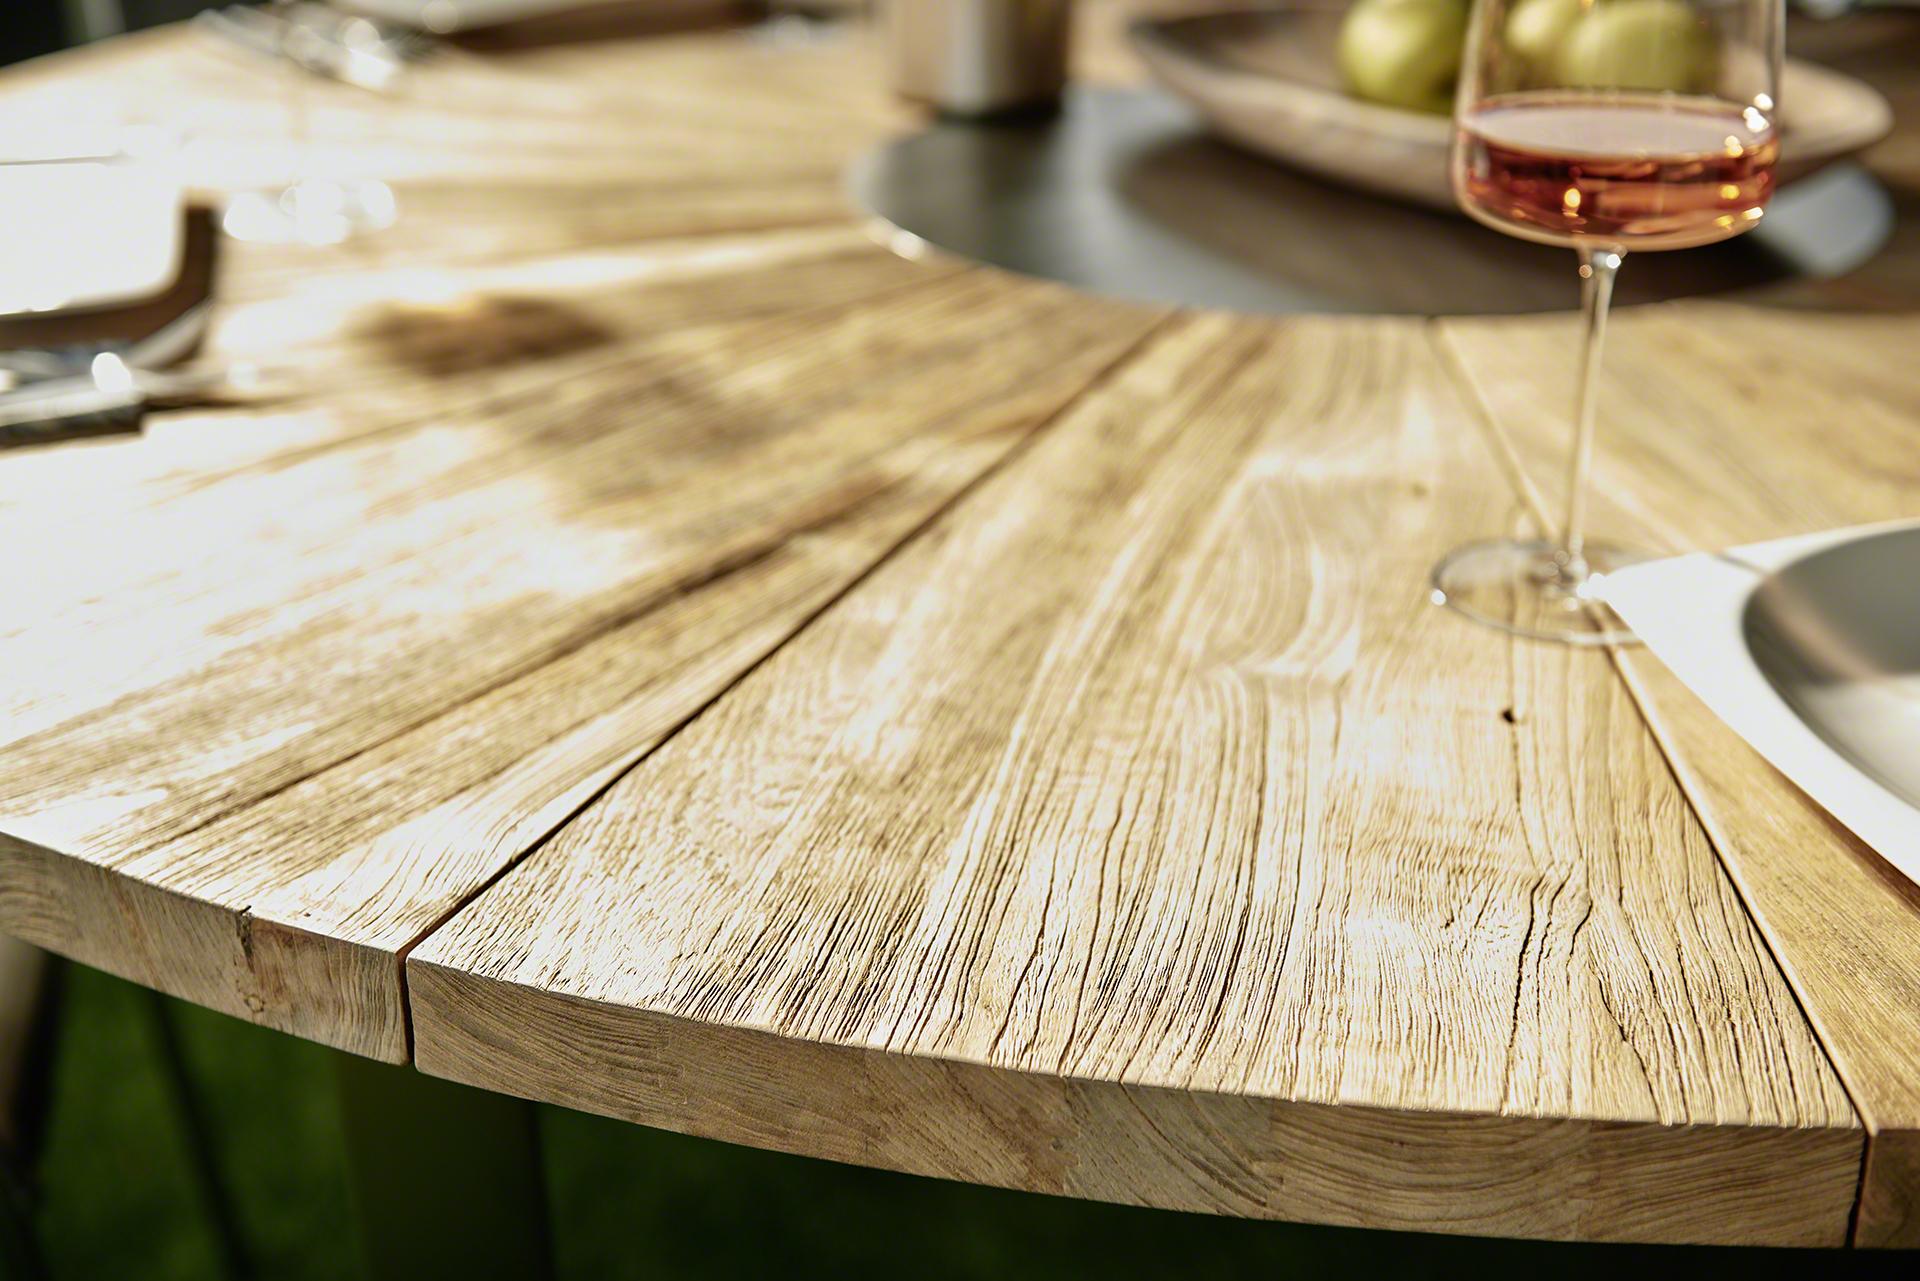 Detail, Tisch, Weinglas, Holz, Rund, Garten, Sommer, Sonne, AMS Moebel, AMS, AR, Articus & Röttgen Fotografie